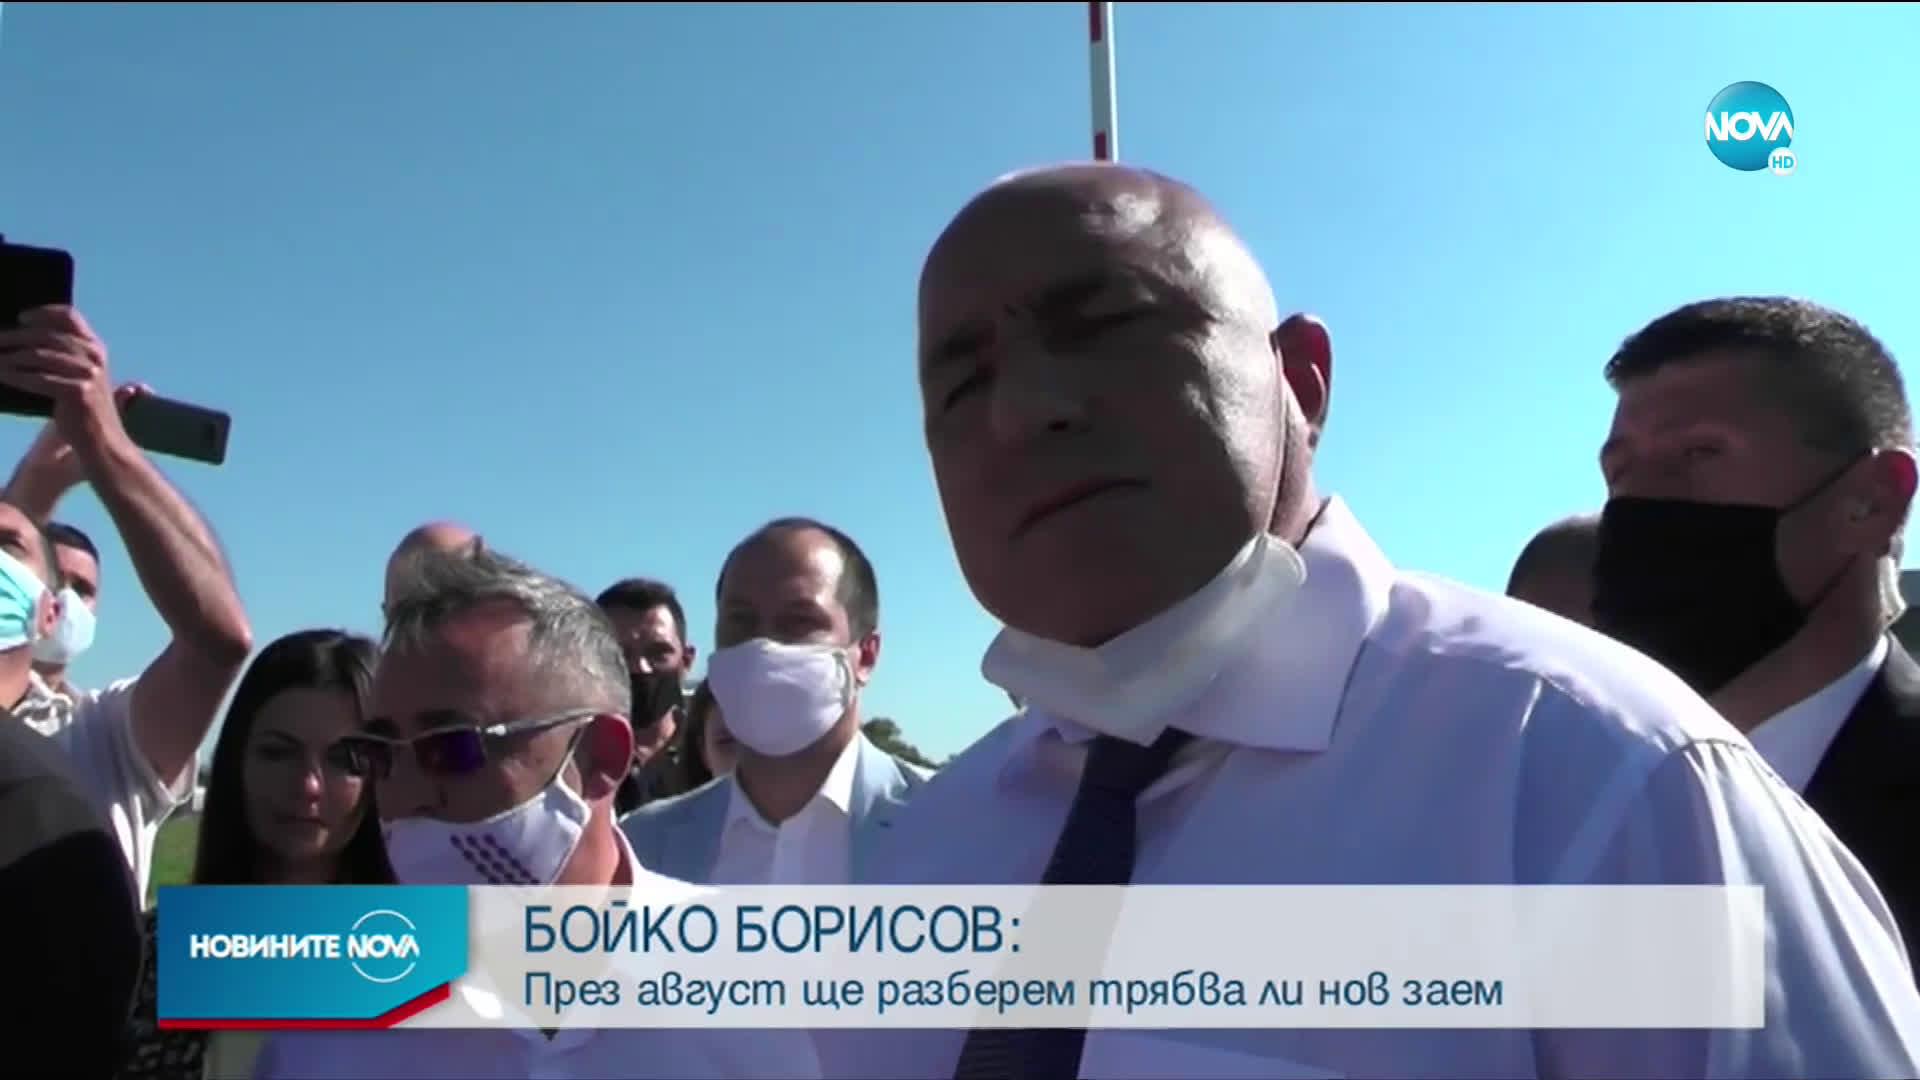 Борисов: През август ще разберем трябва ли ни нов заем